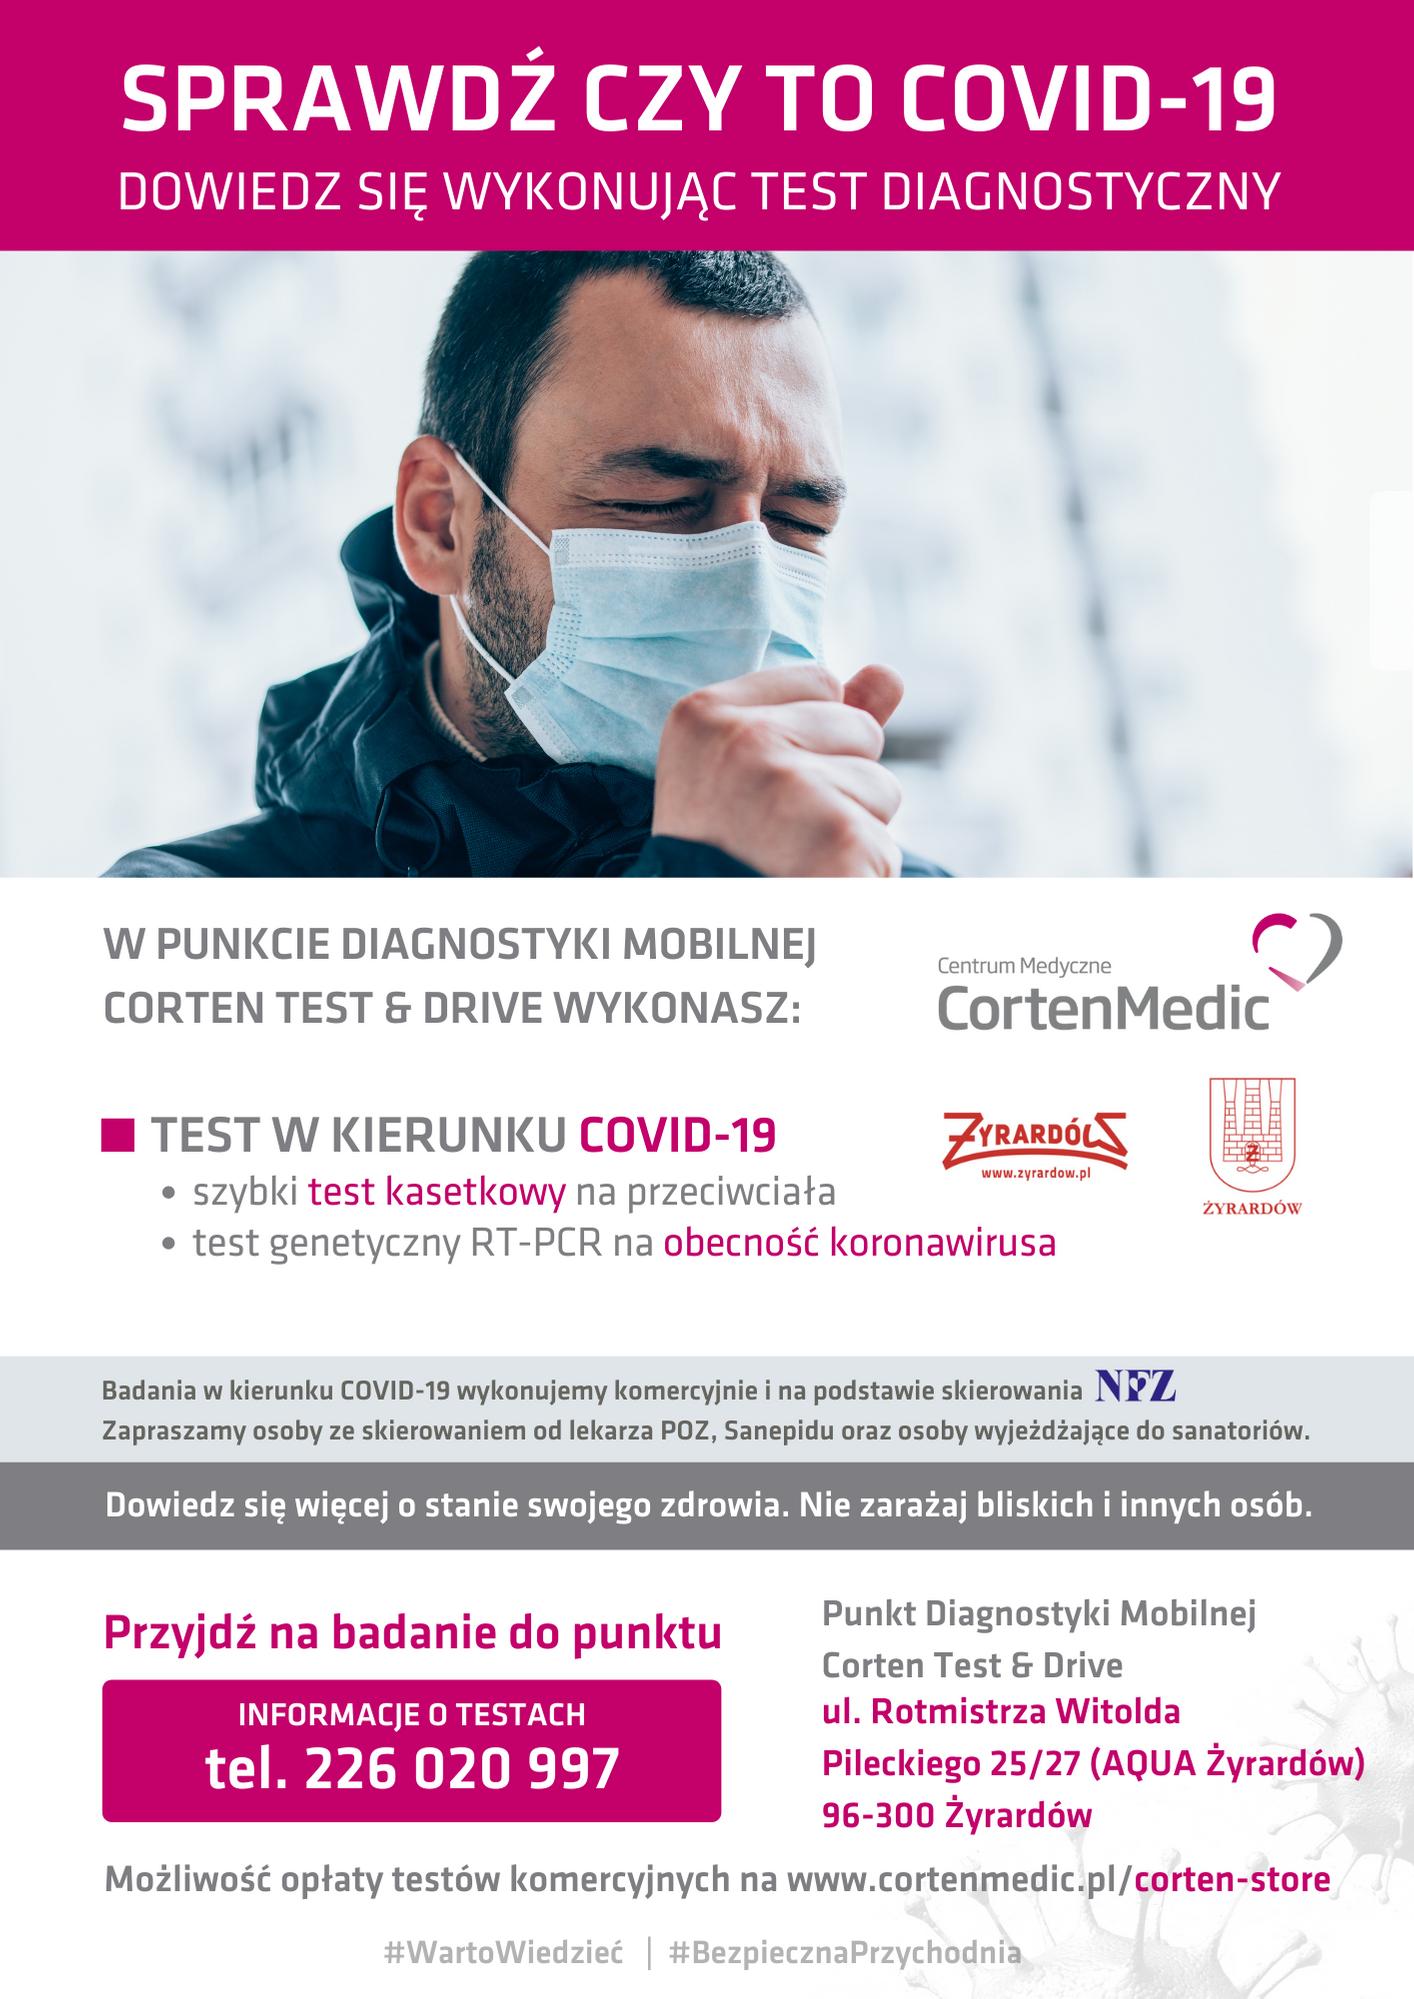 plakat informujący opunkcie diagnostyki mobilnej wŻyrardowie